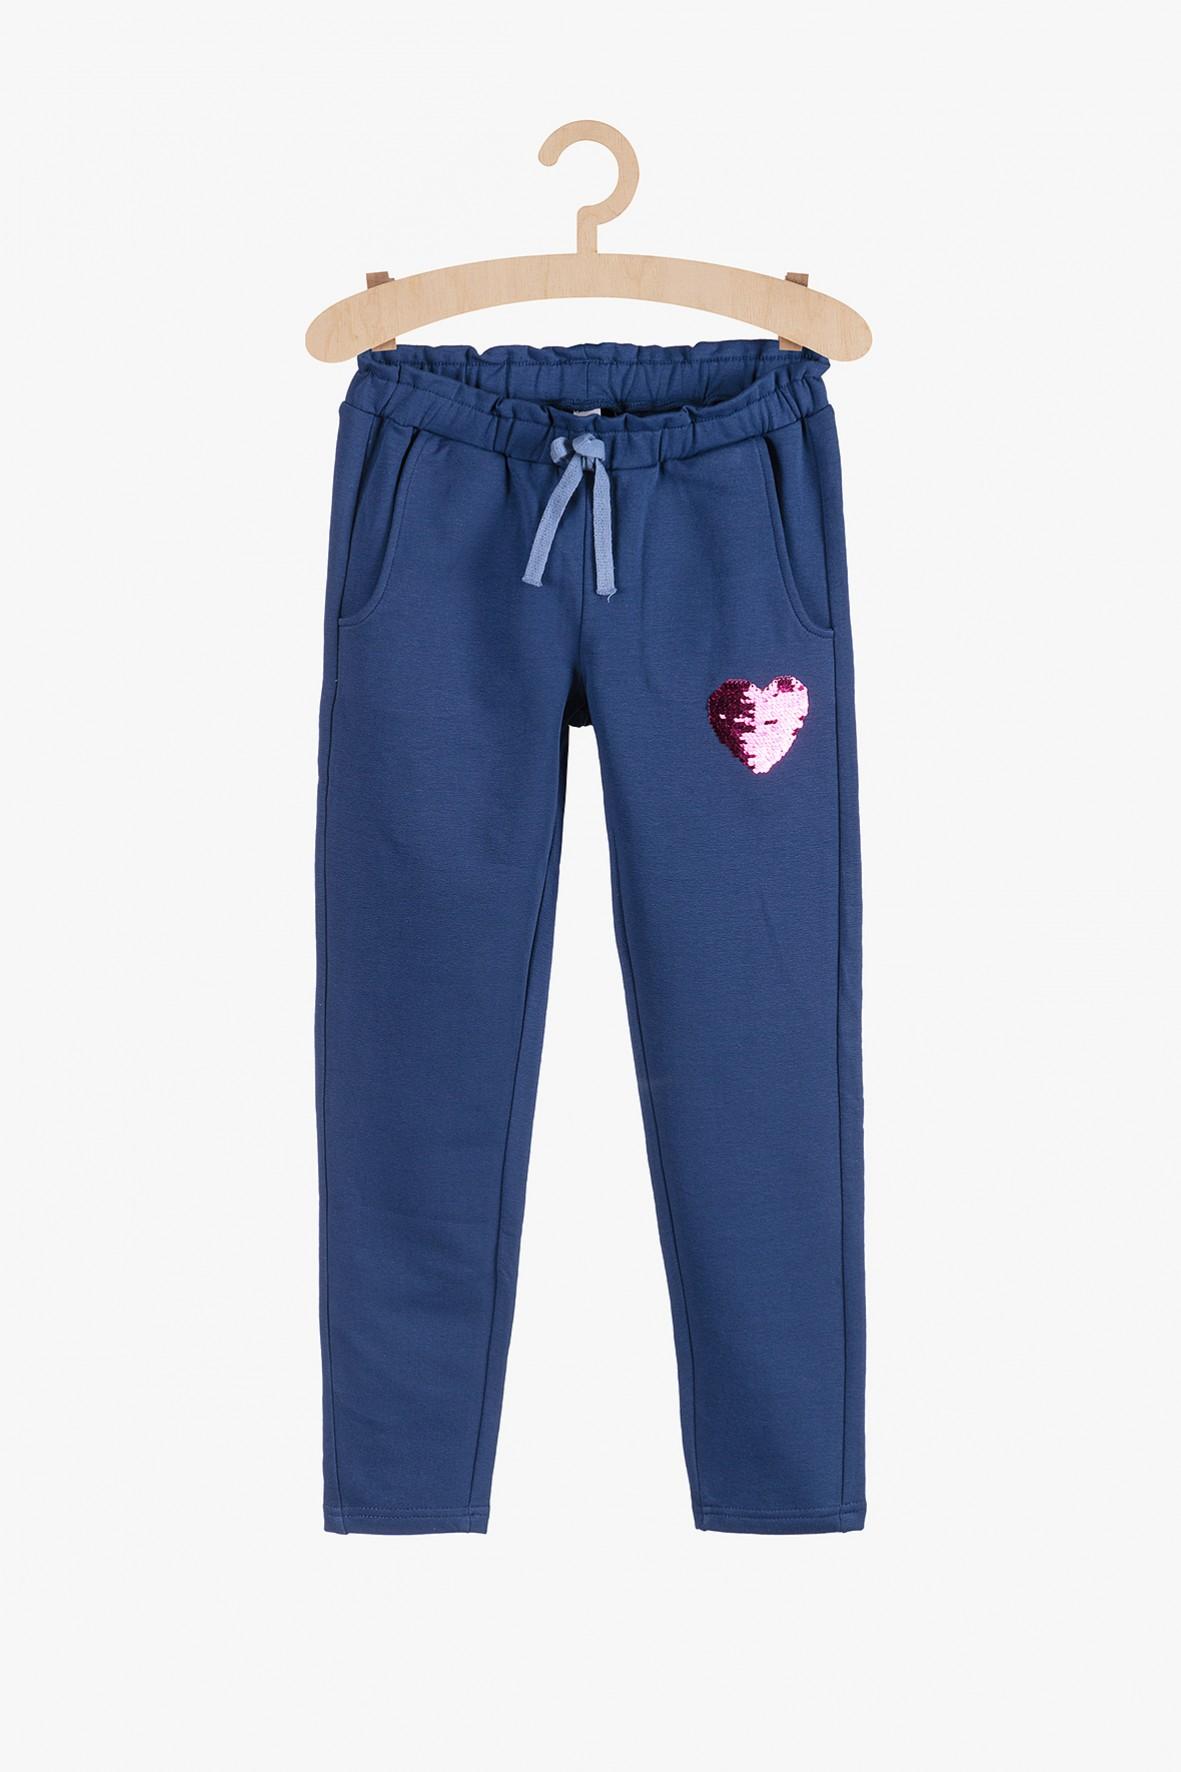 Spodnie dresowe- niebieskie z cekinowym serduszkiem